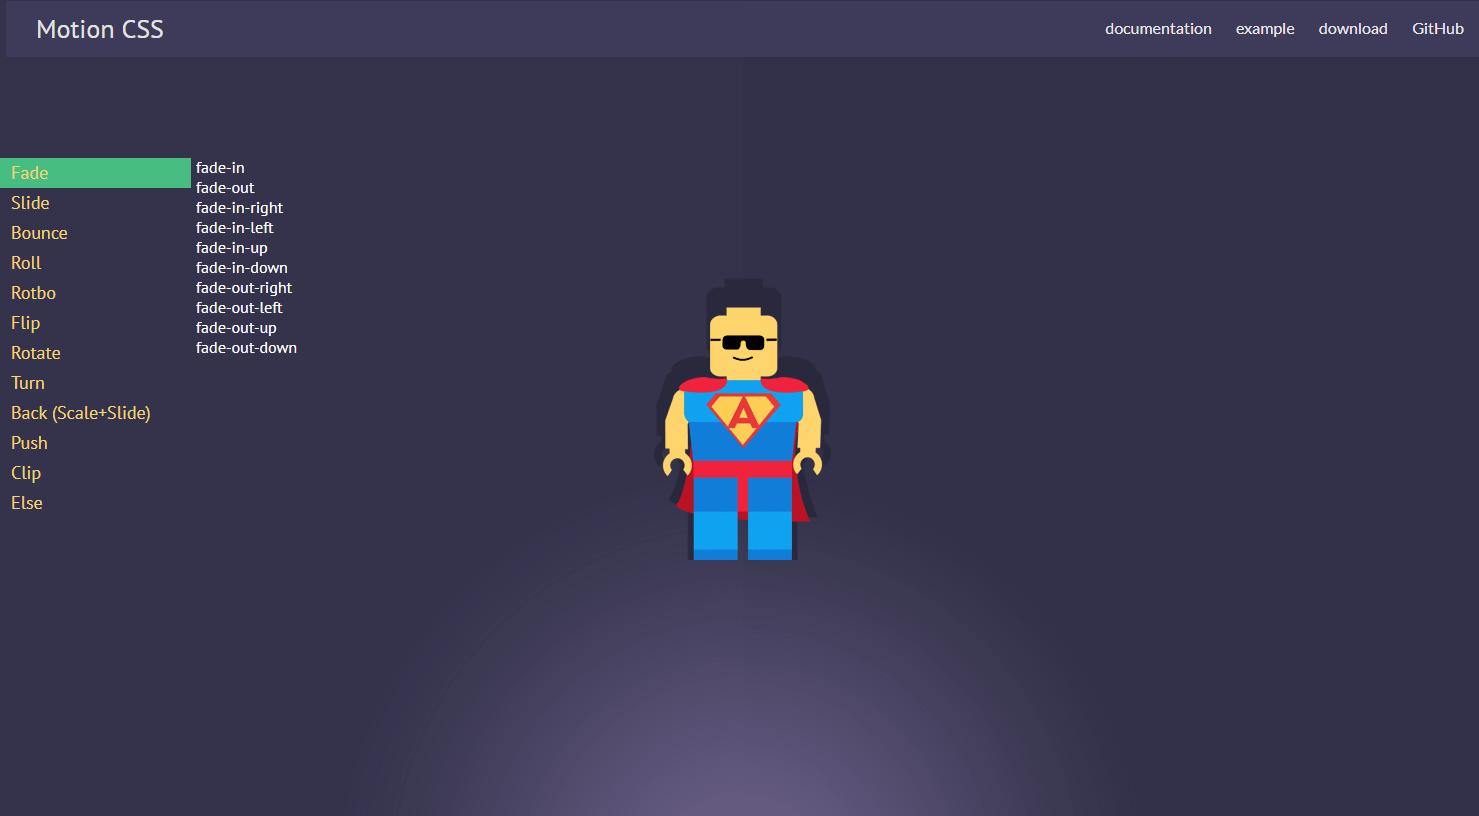 要素にアニメーションエフェクトを加えることができるCSSライブラリ「Motion CSS」